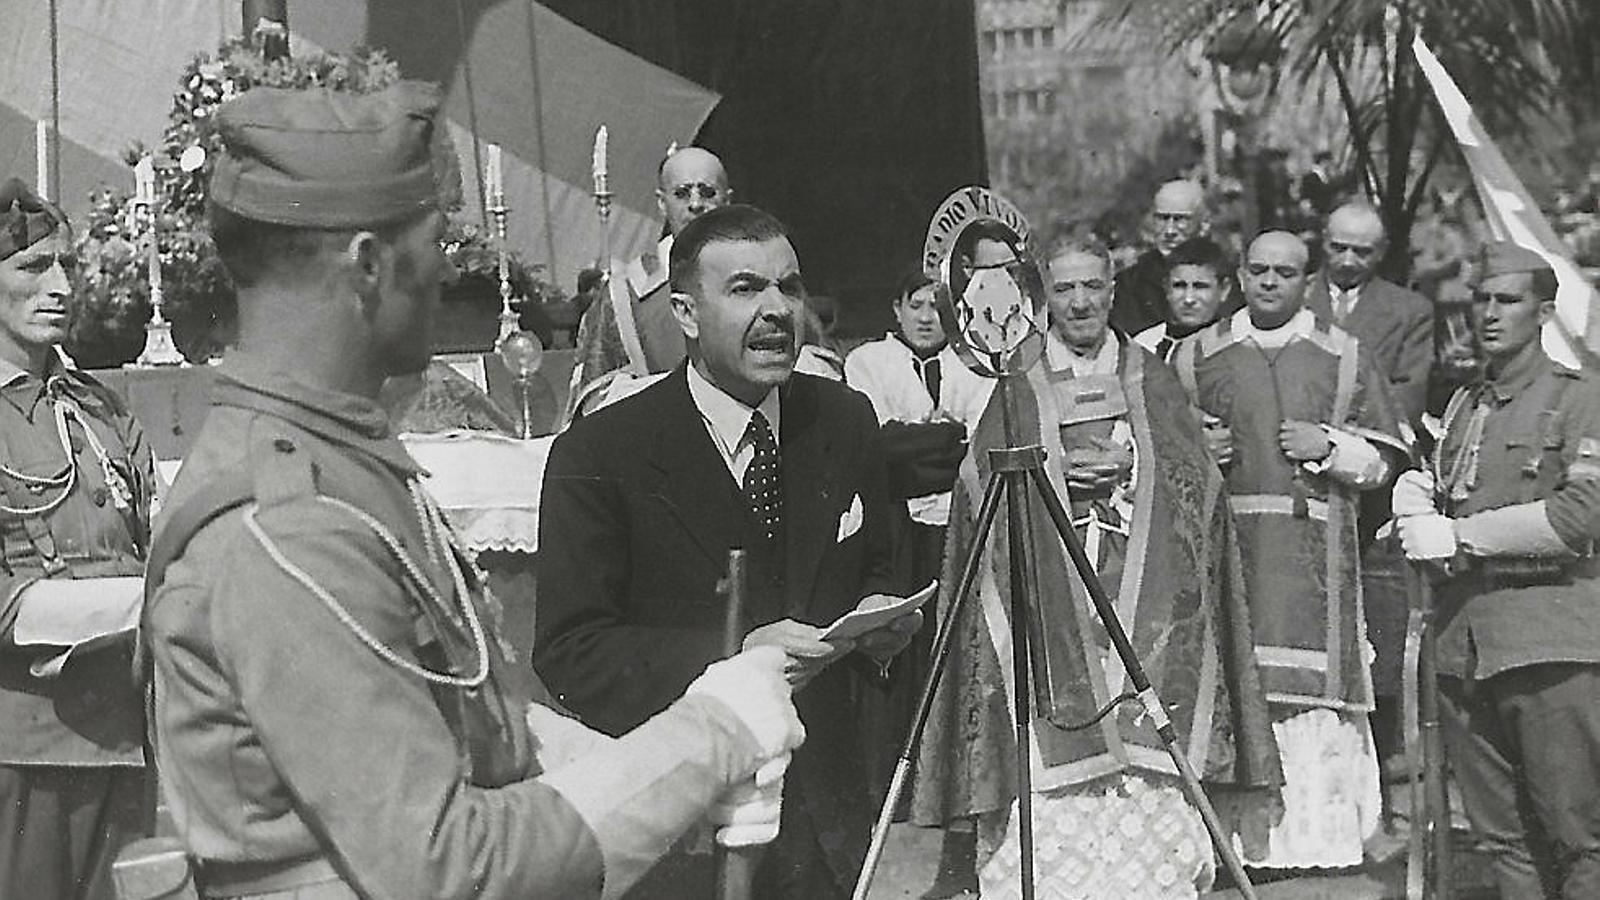 L'alcalde Miquel Mateu fent un discurs durant una missa d'homenatge al Crist de Lepant el 5 de març del 1939.